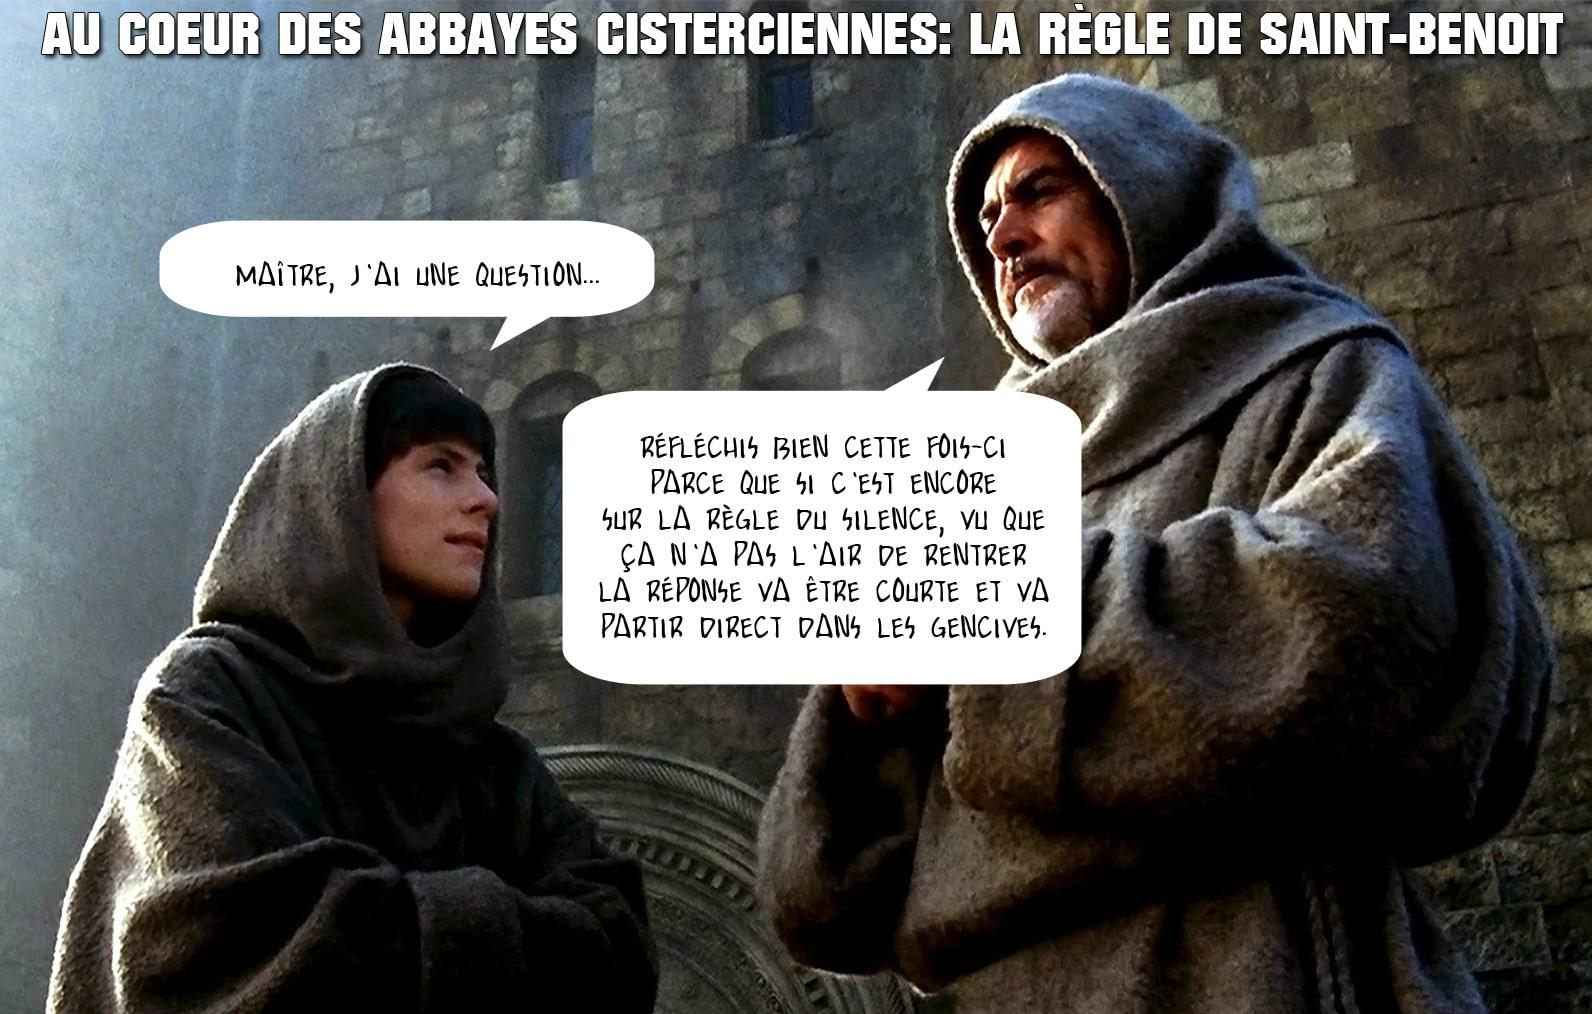 nom_rose_regle_saint_benoit_abbaye_cistercienne_clairvaux_monde_medieval_humour